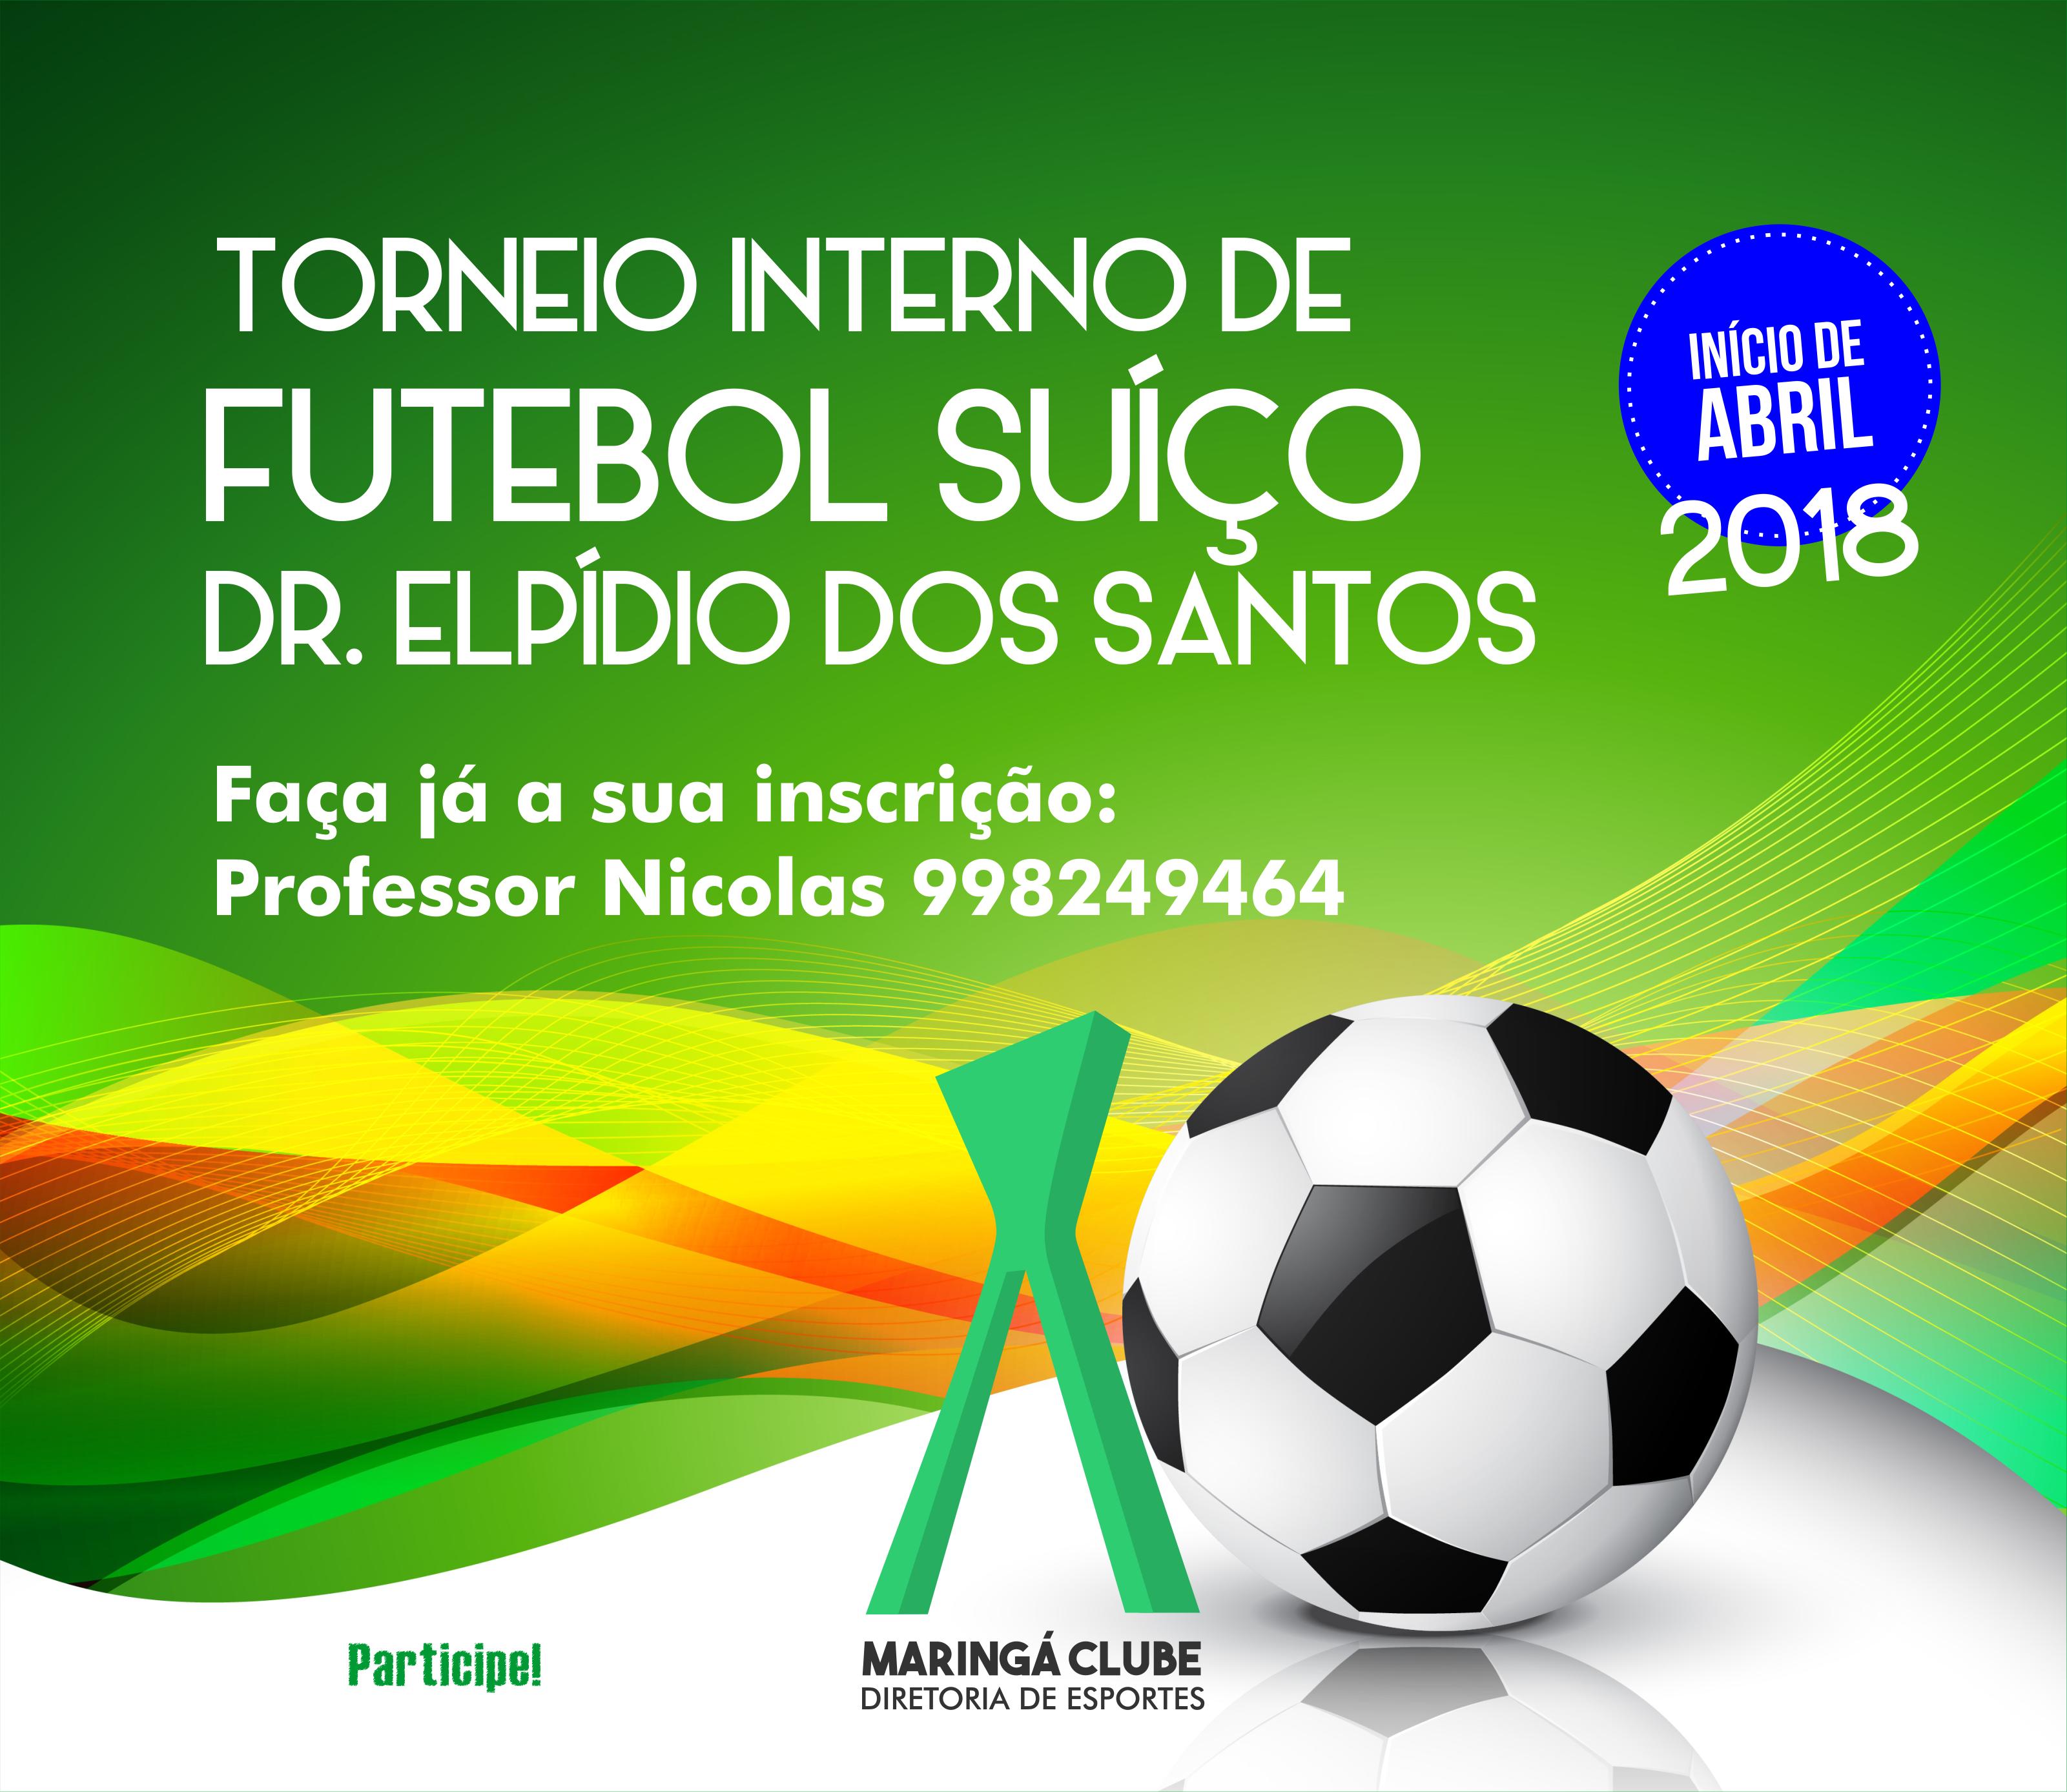 TORNEIO DE FUTEBOL DR. ELPIDIO